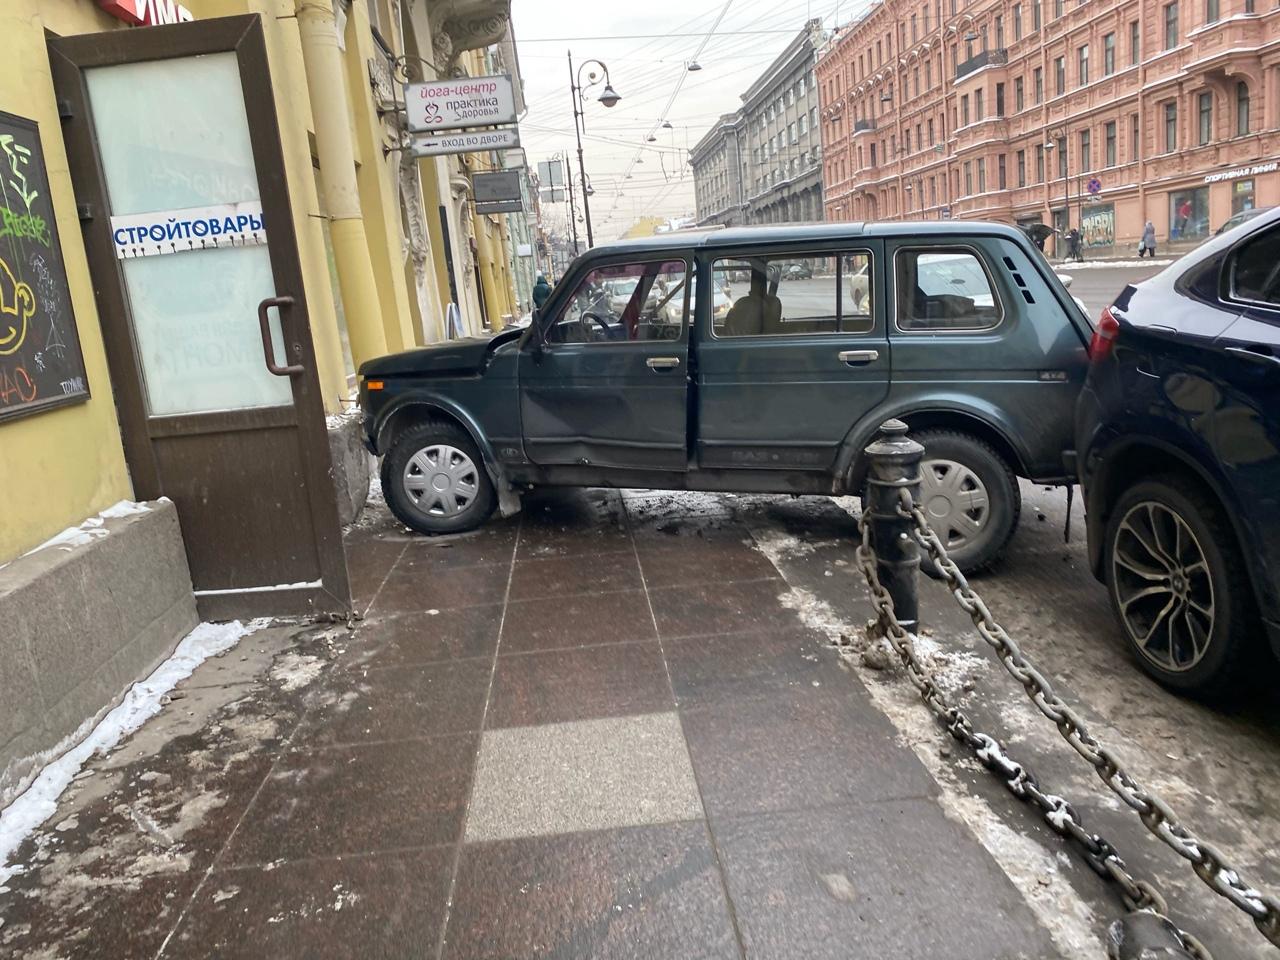 На Литейном проспекте у дома 44 произошло столкновение двух автомобилей: Skoda Октавия (Яндекс такс...